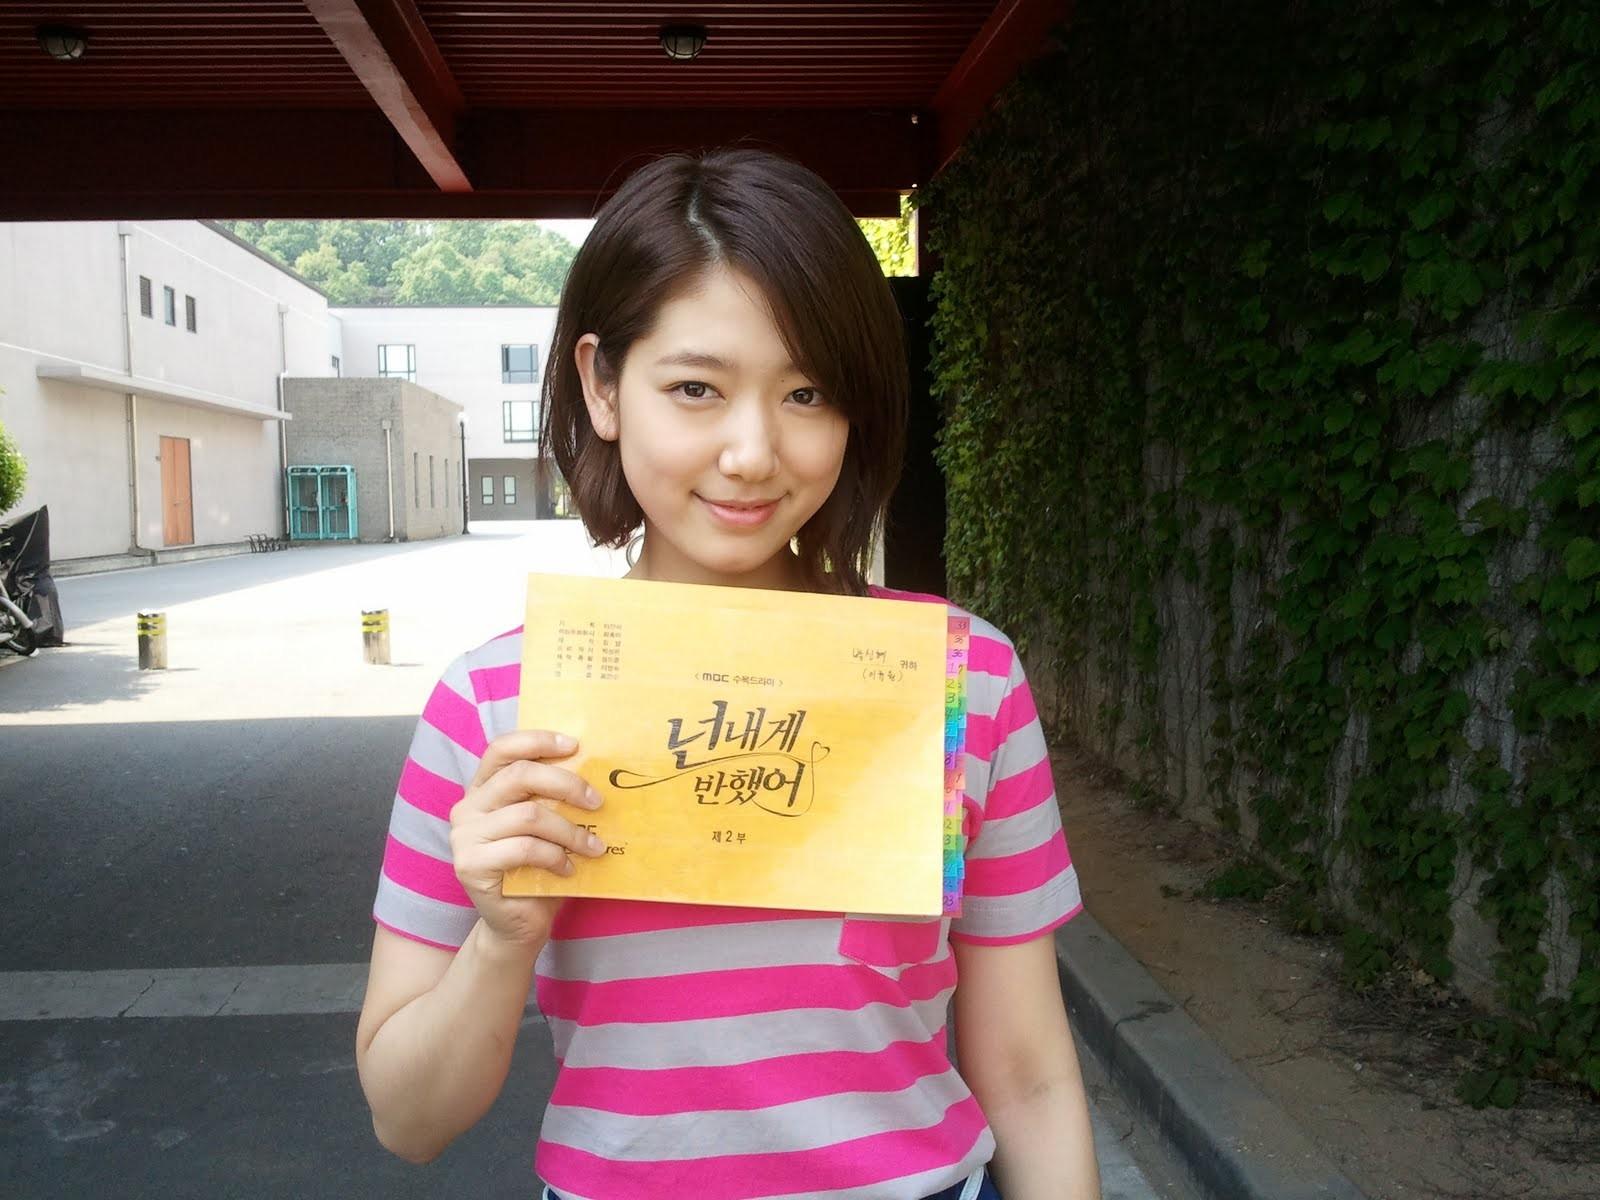 gente mujer asiático coreano primavera color niño día 1600x1200 px niñito 75a1a725aee